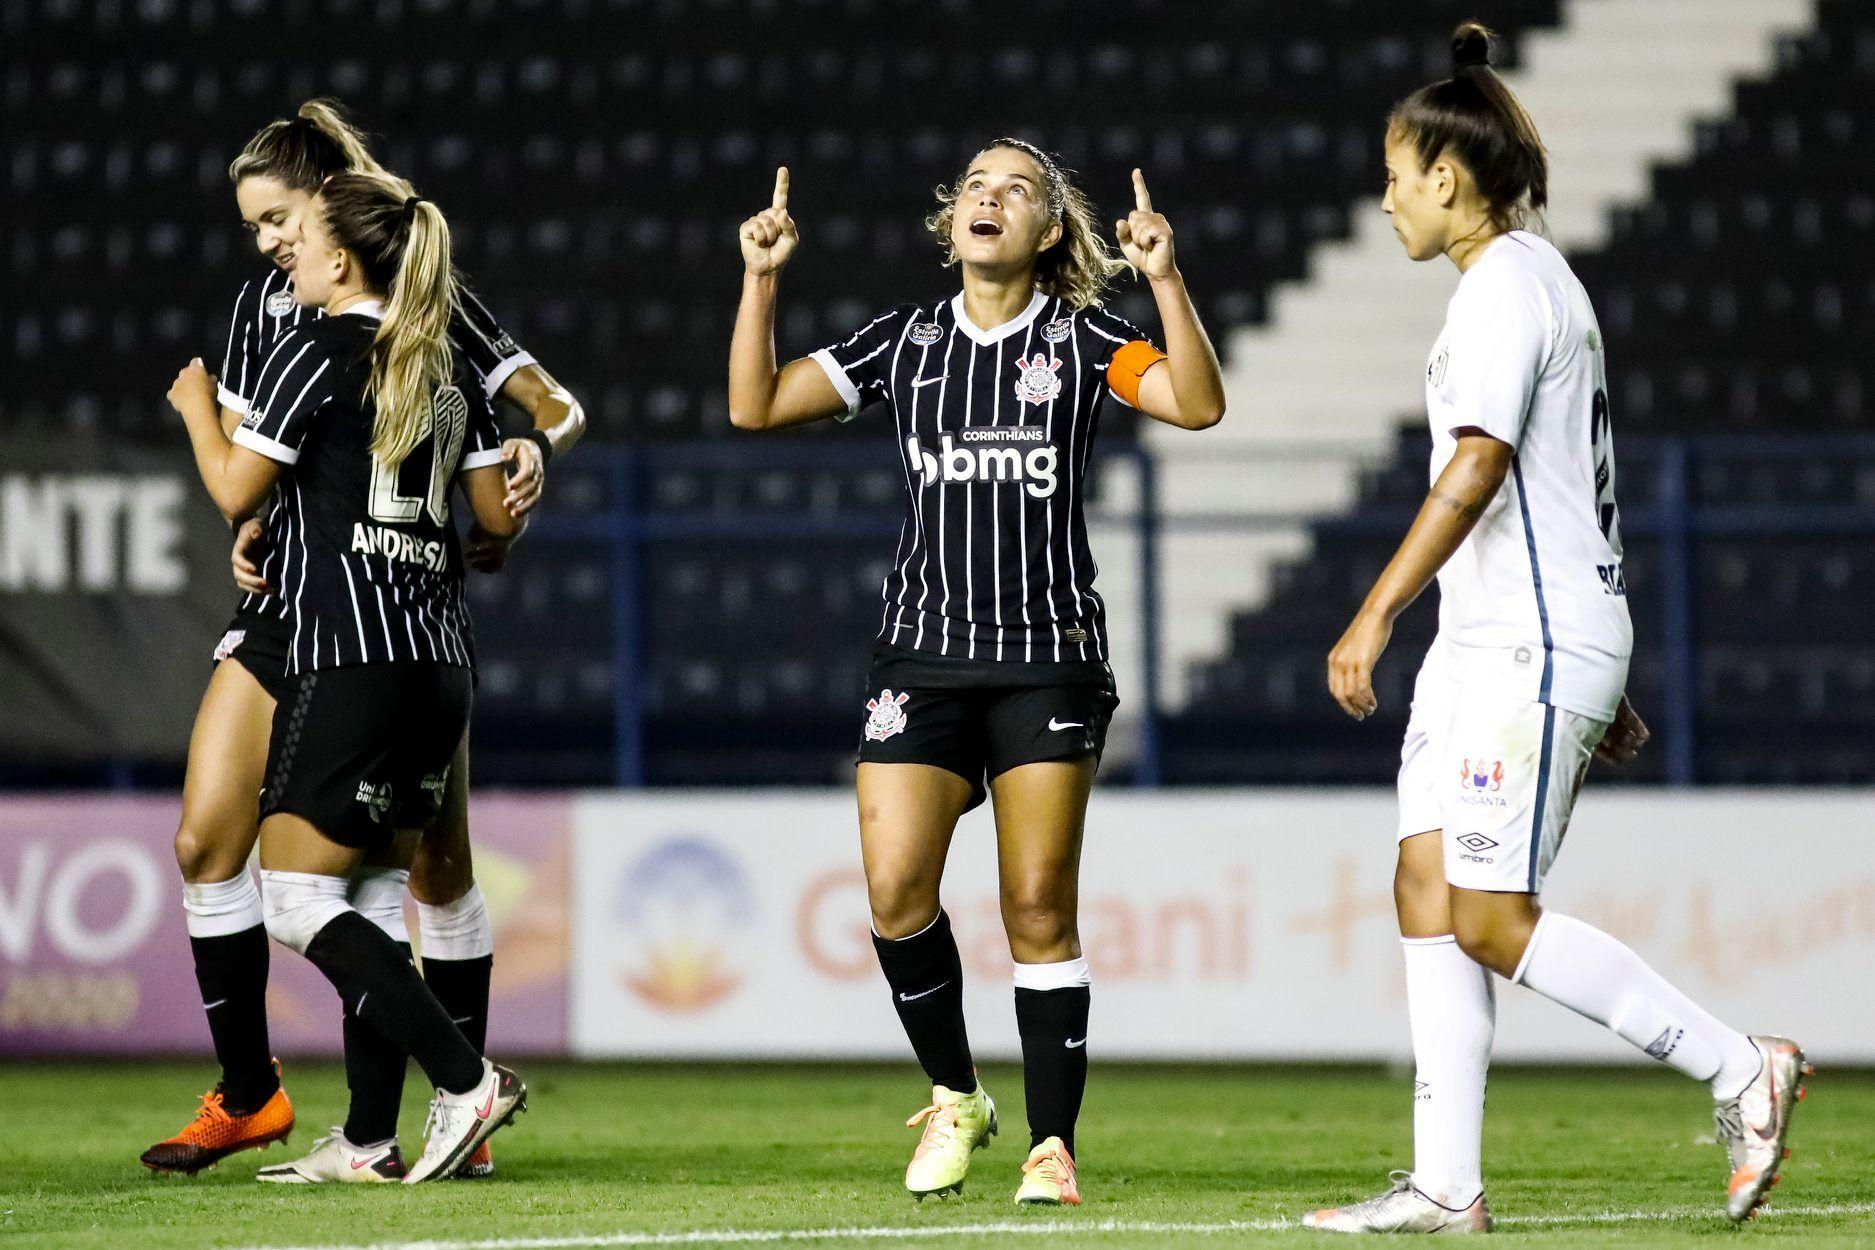 Corinthians enfrentará Avaí na final do Brasileirão Feminino (Foto: Corinthians/Rodrigo Gazzanel)